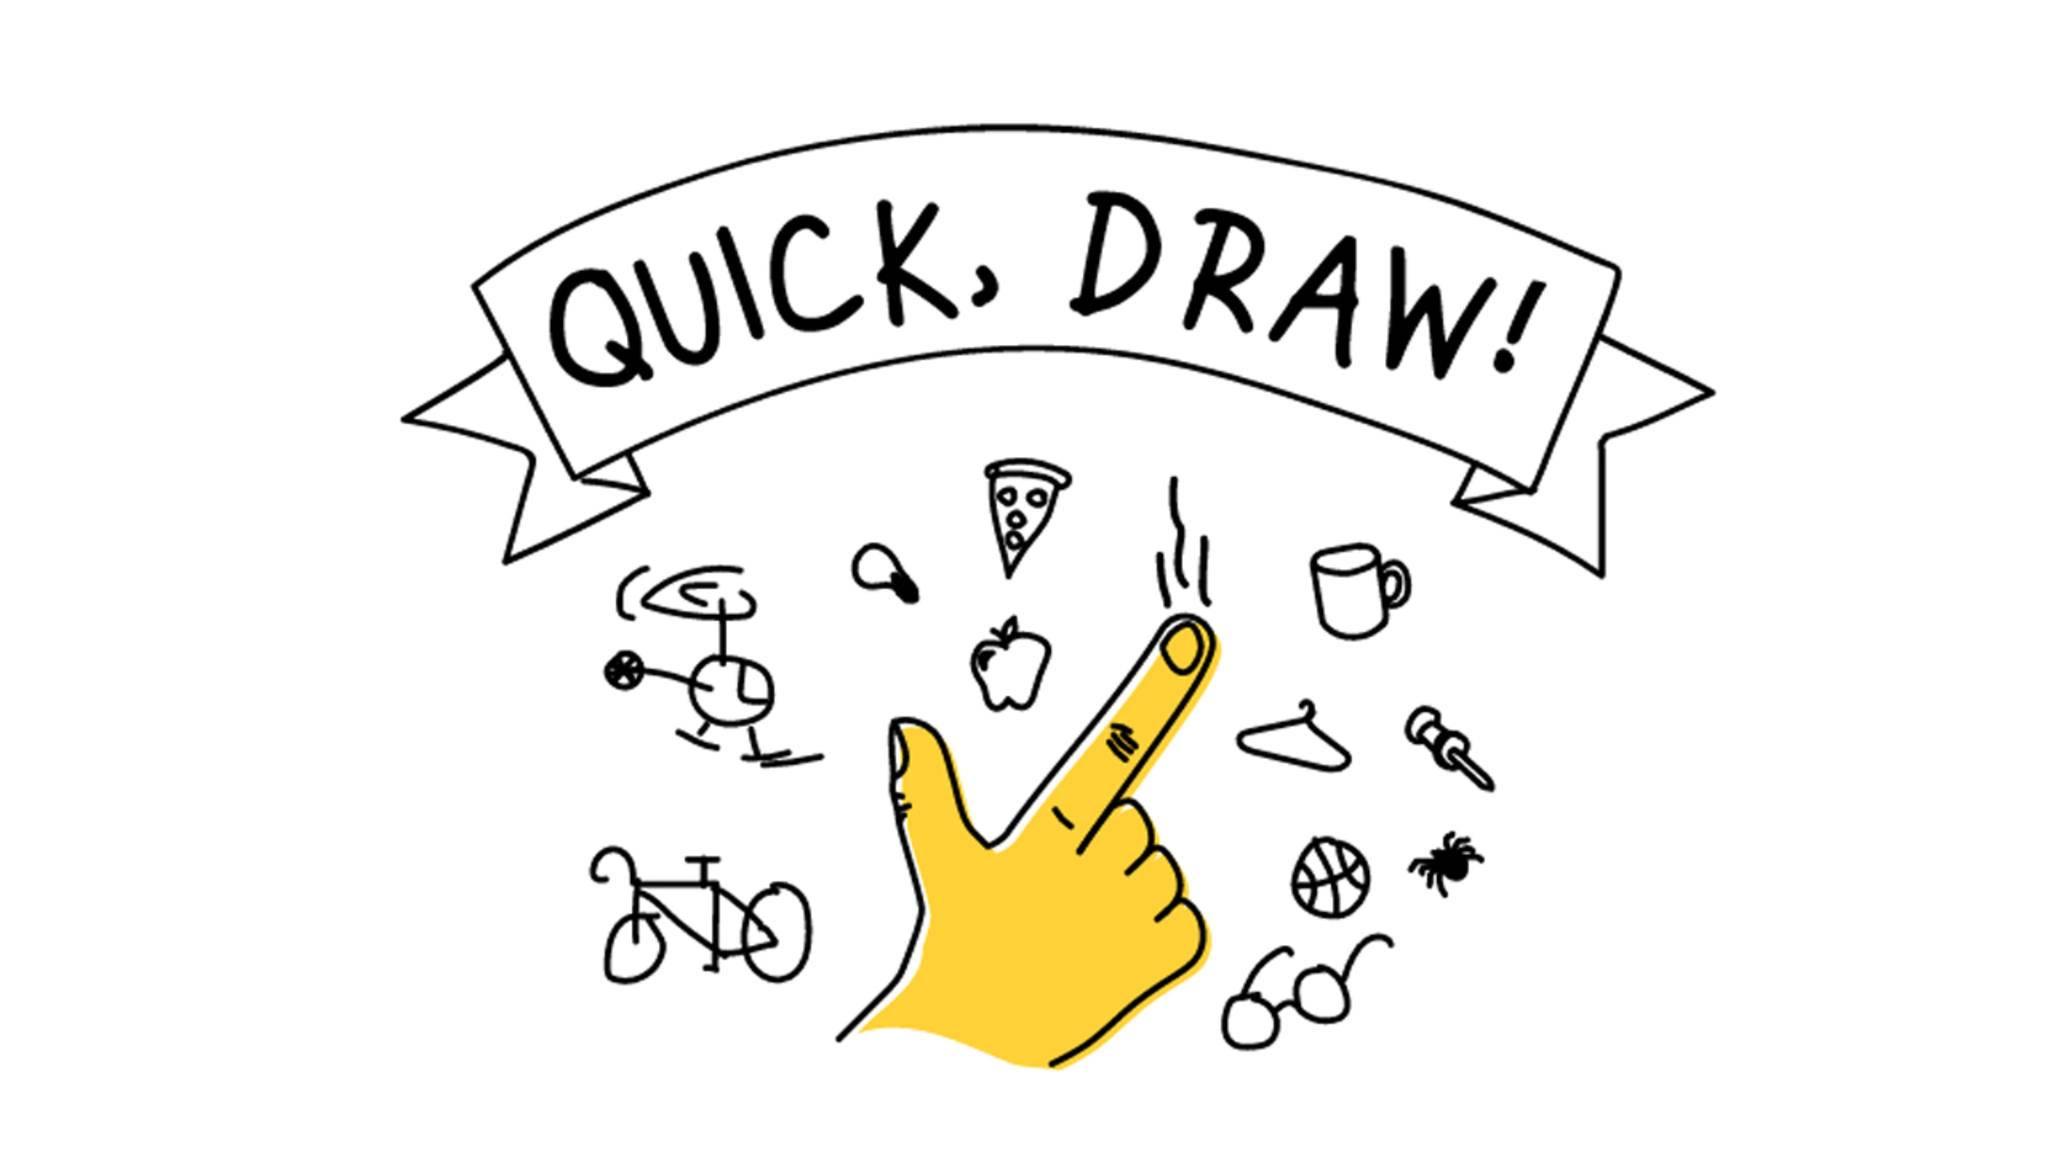 """Zieh und Zeichne! Googles Browser-Game """"Quick, Draw!"""" will Computern beibringen, Zeichnungen zu erkennen."""